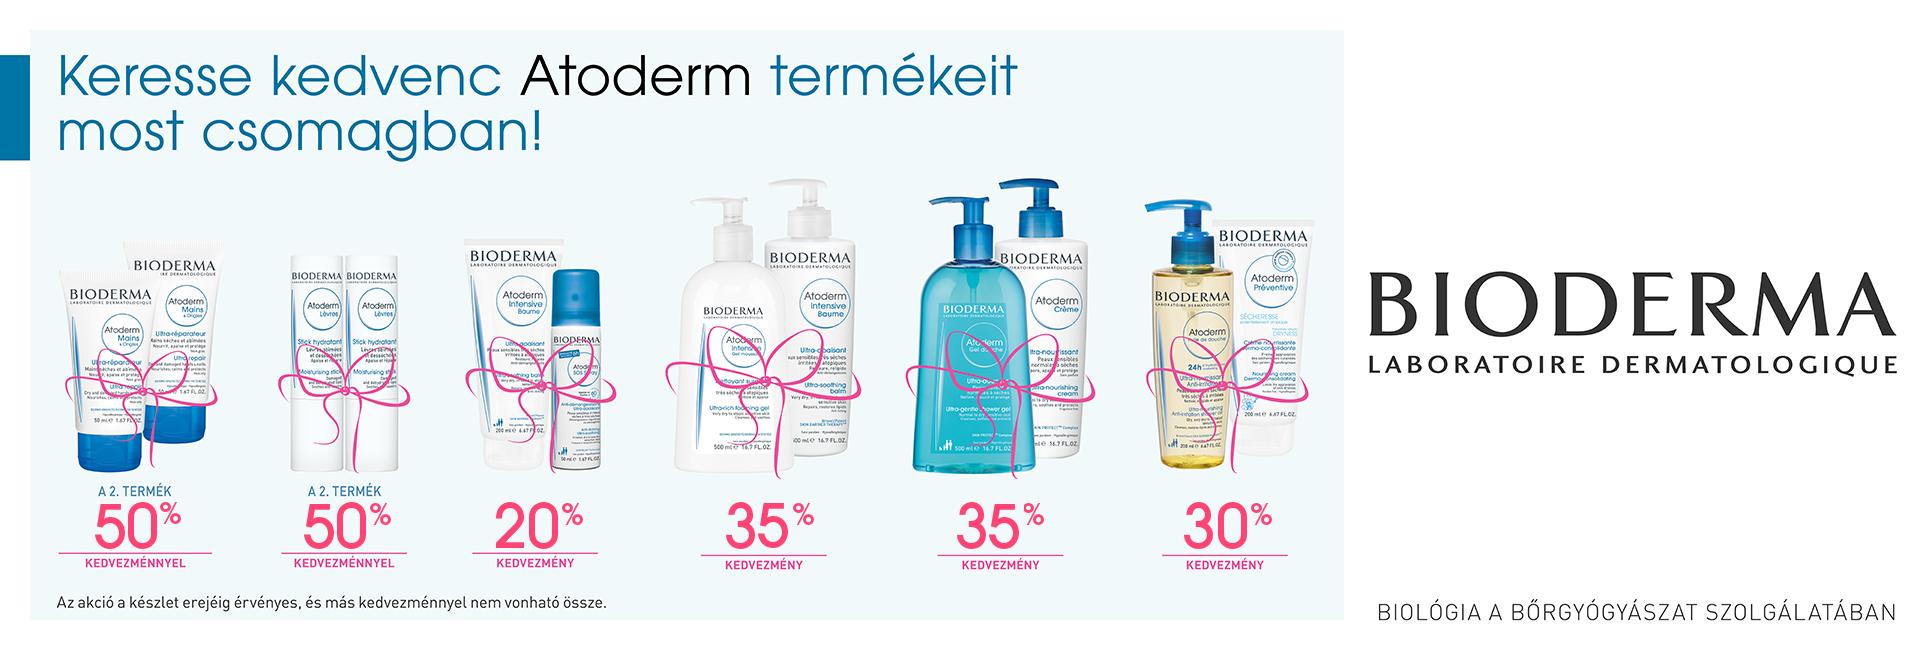 2019. őszi kényeztető és bőrápoló csomagok a Bioderma Atodermtől.